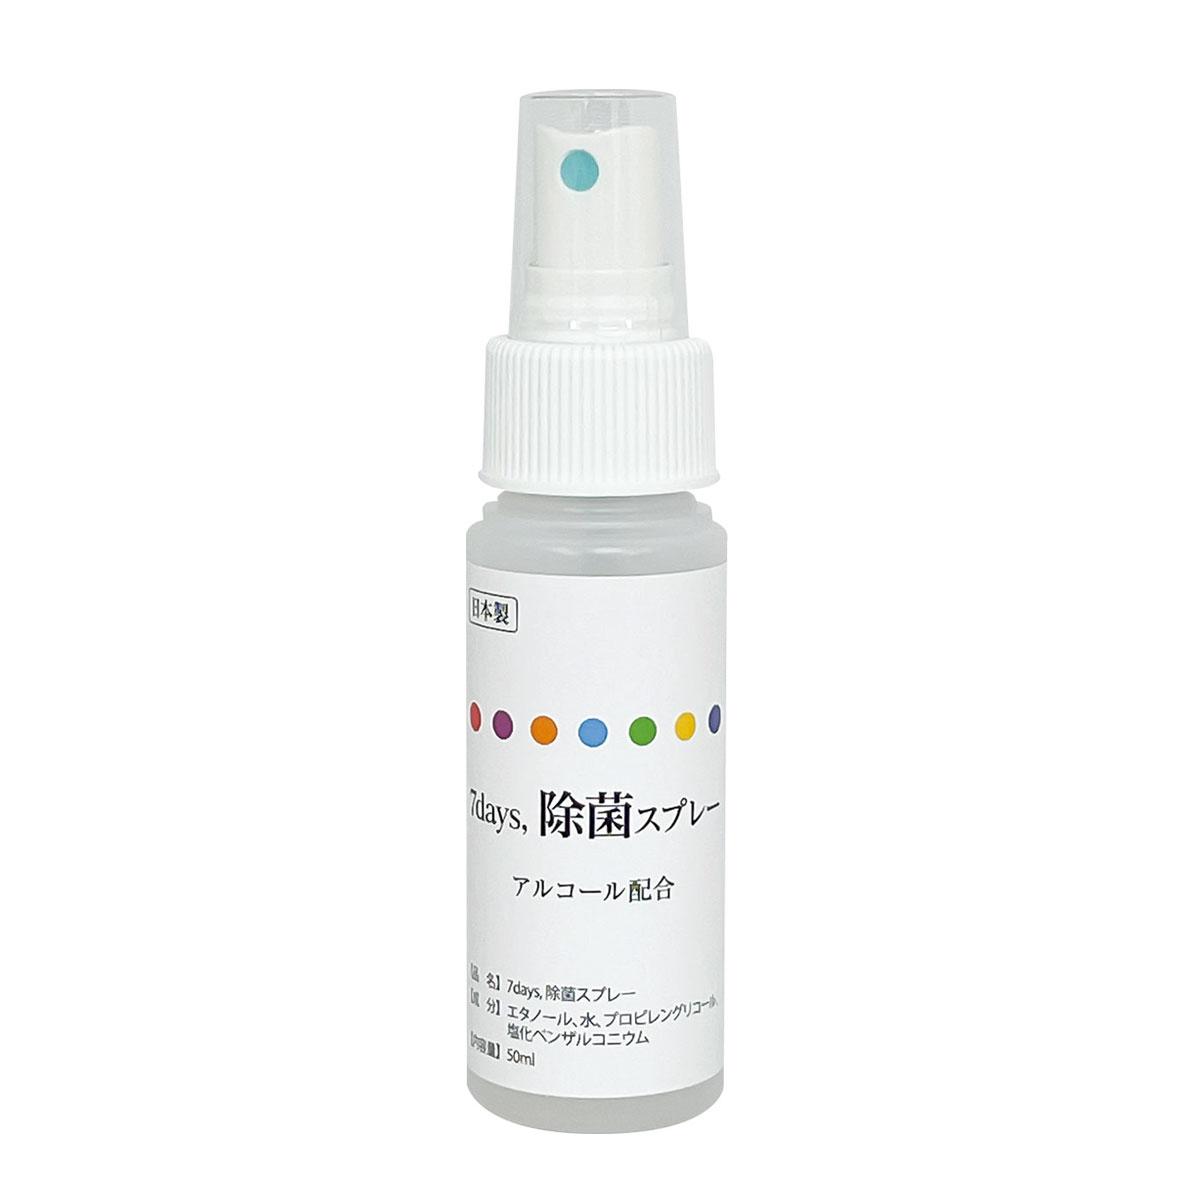 アルコール配合除菌スプレー セブンデイズ(50ml)